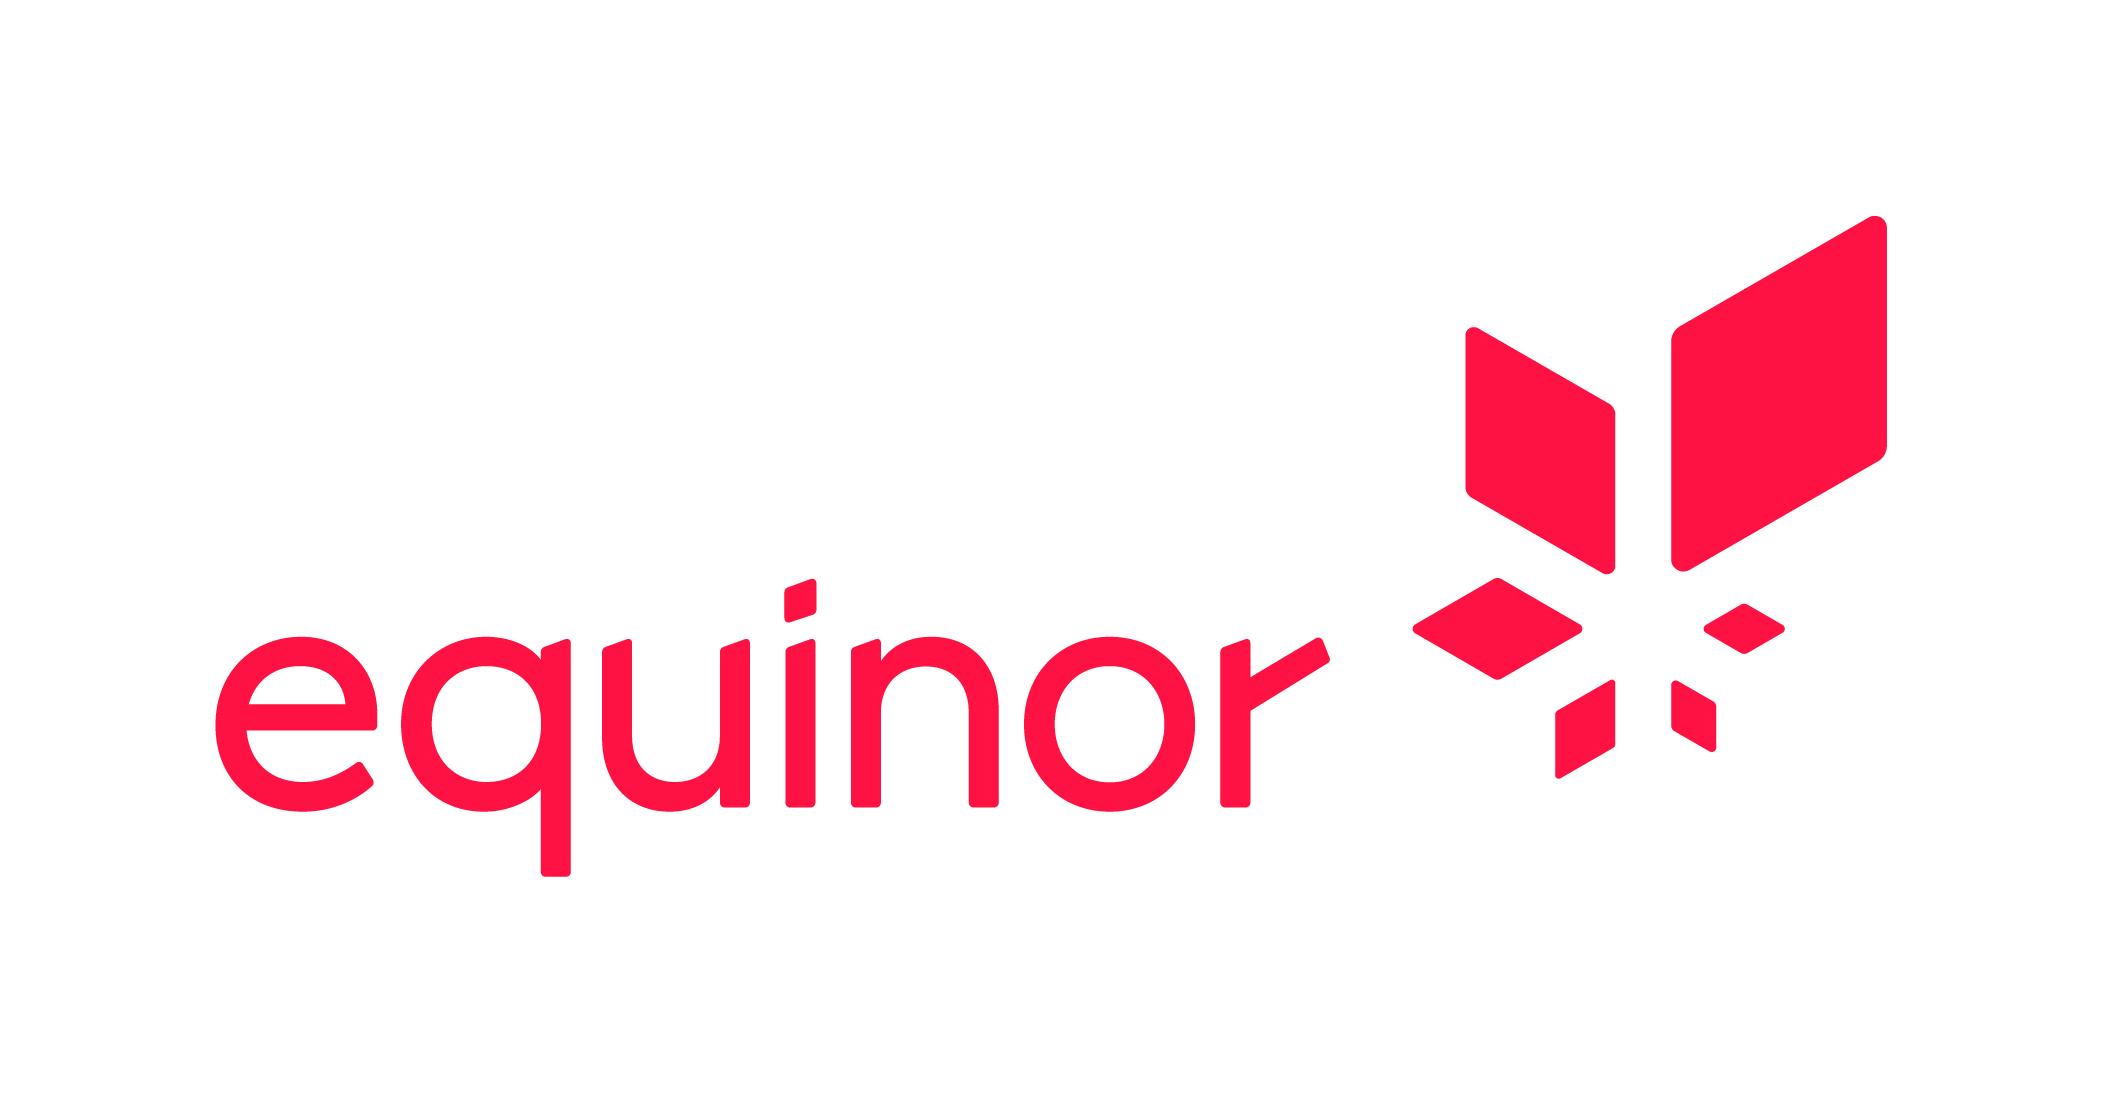 Equinor_HORIZ_logo_RGB_RED